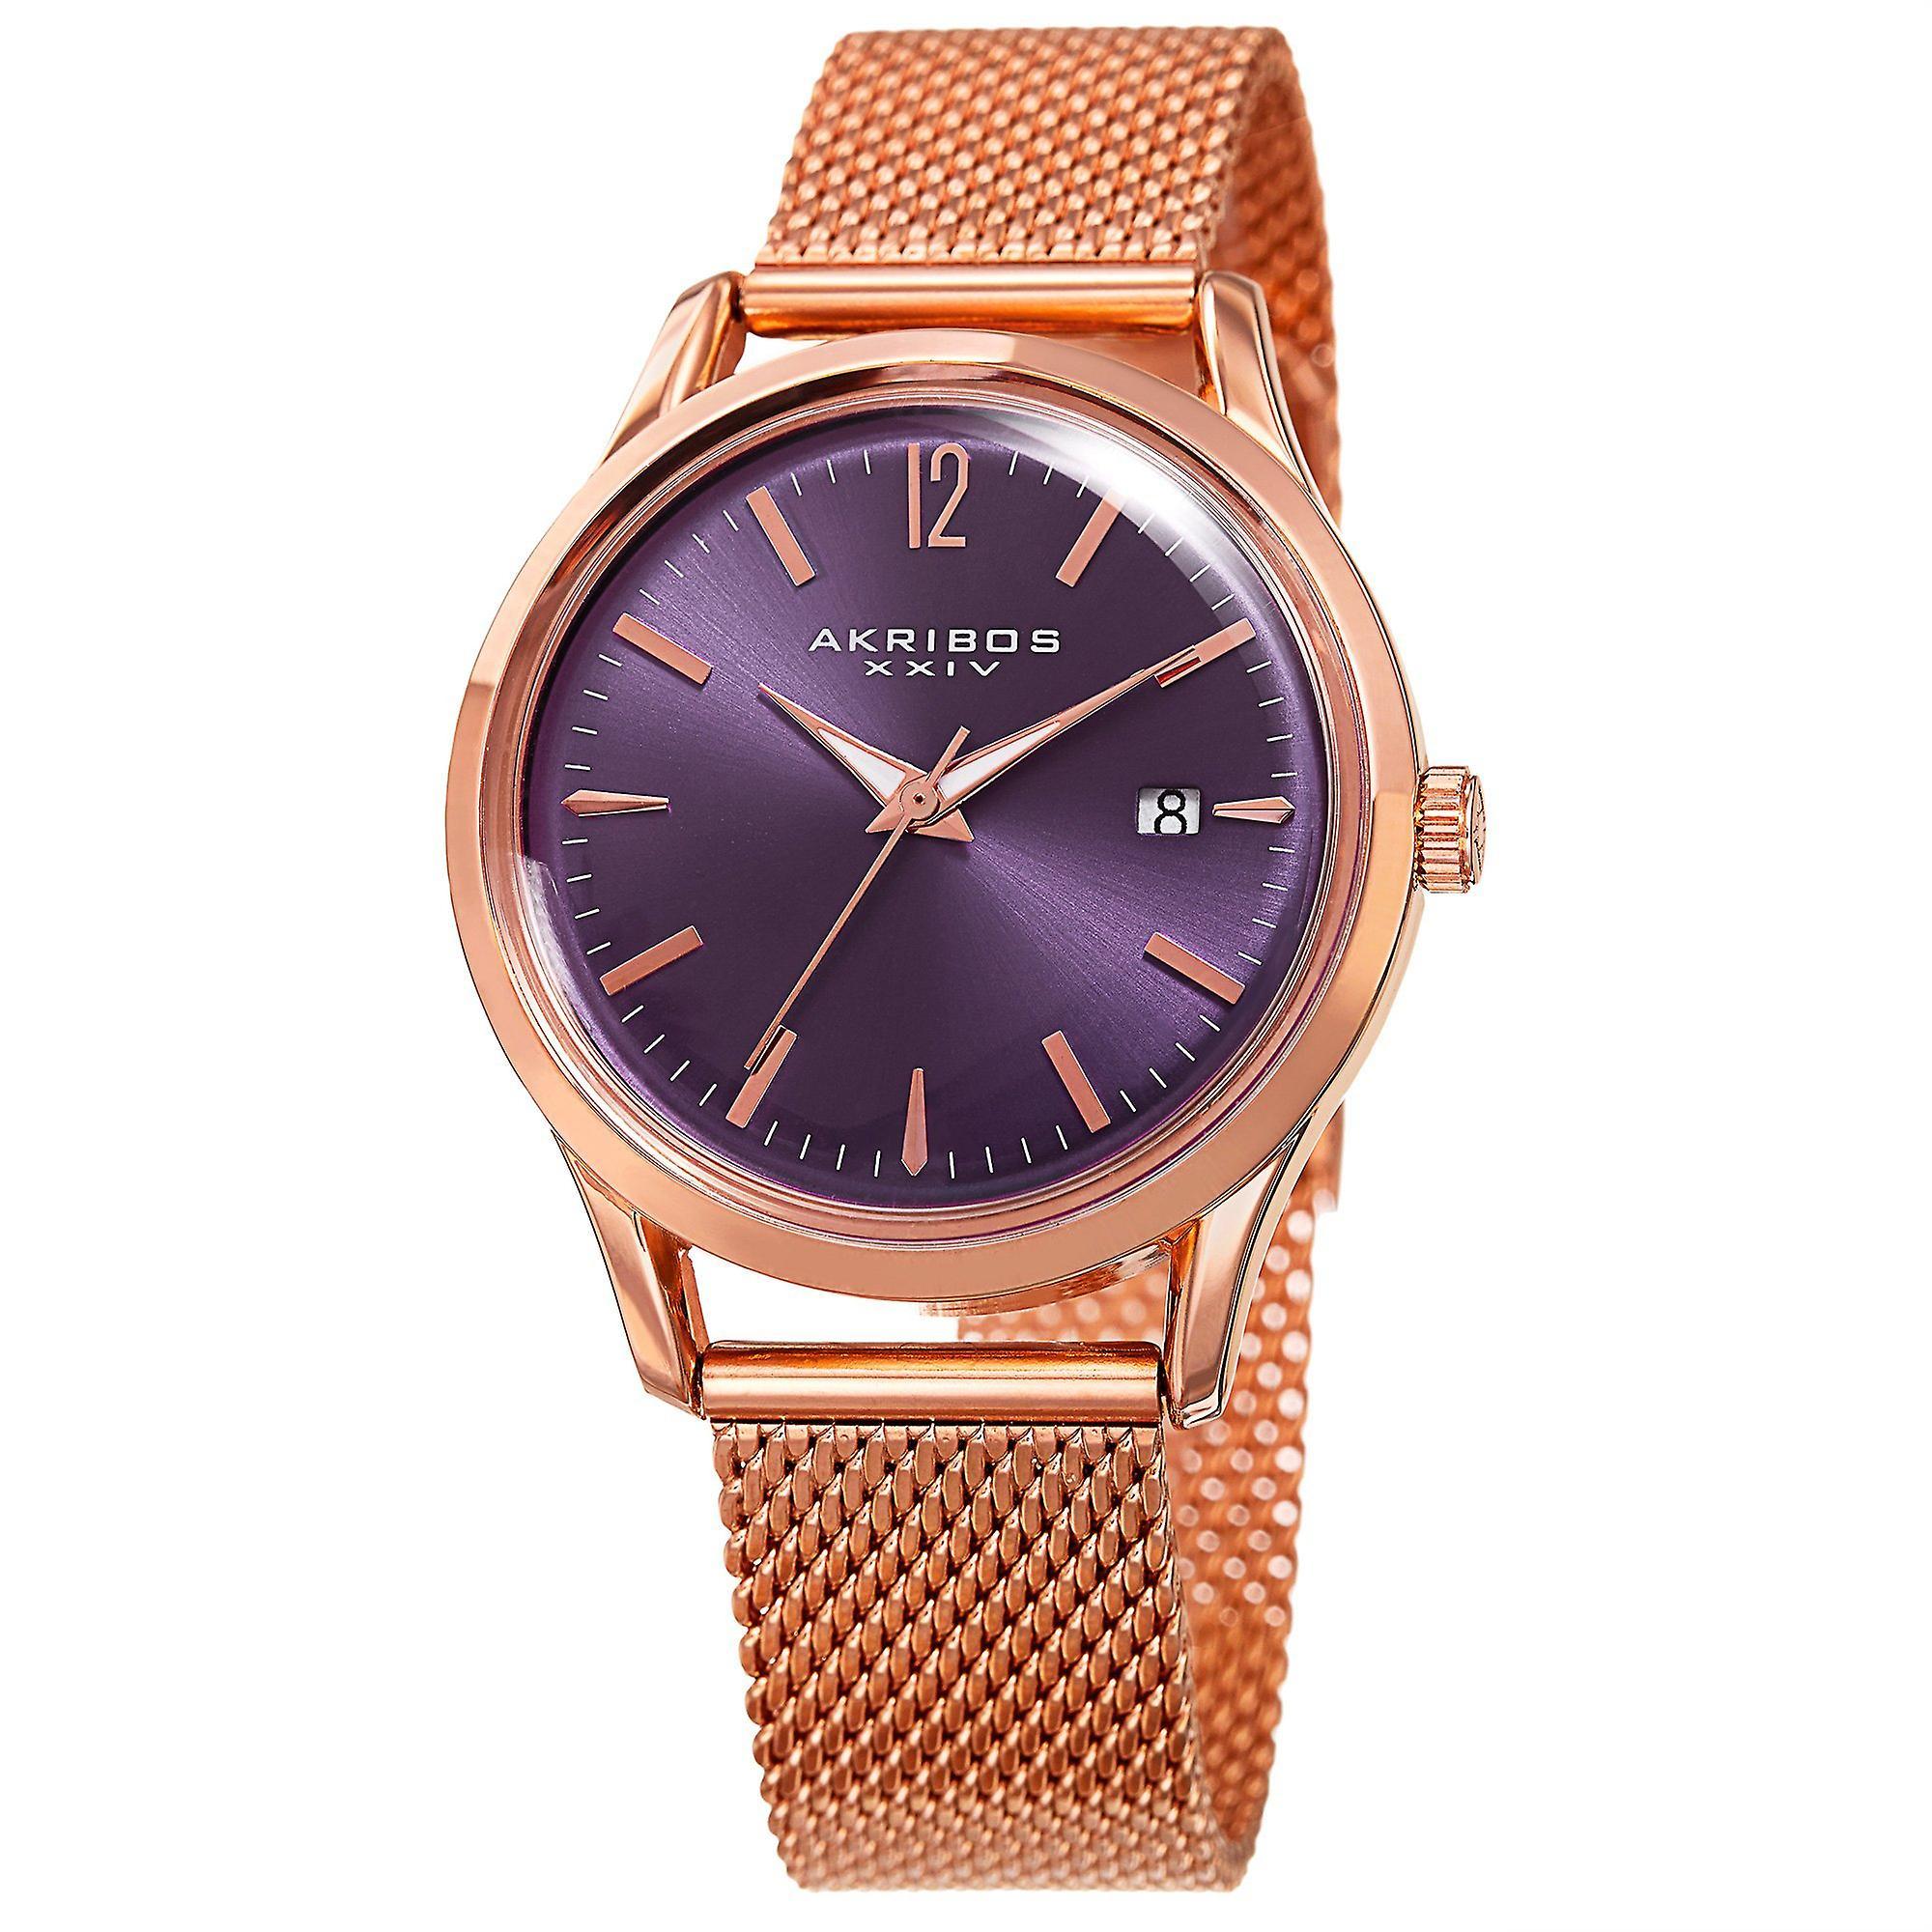 Akribos XXIV Women's Matte Dial on Mesh Bracelet Watch AK930PU